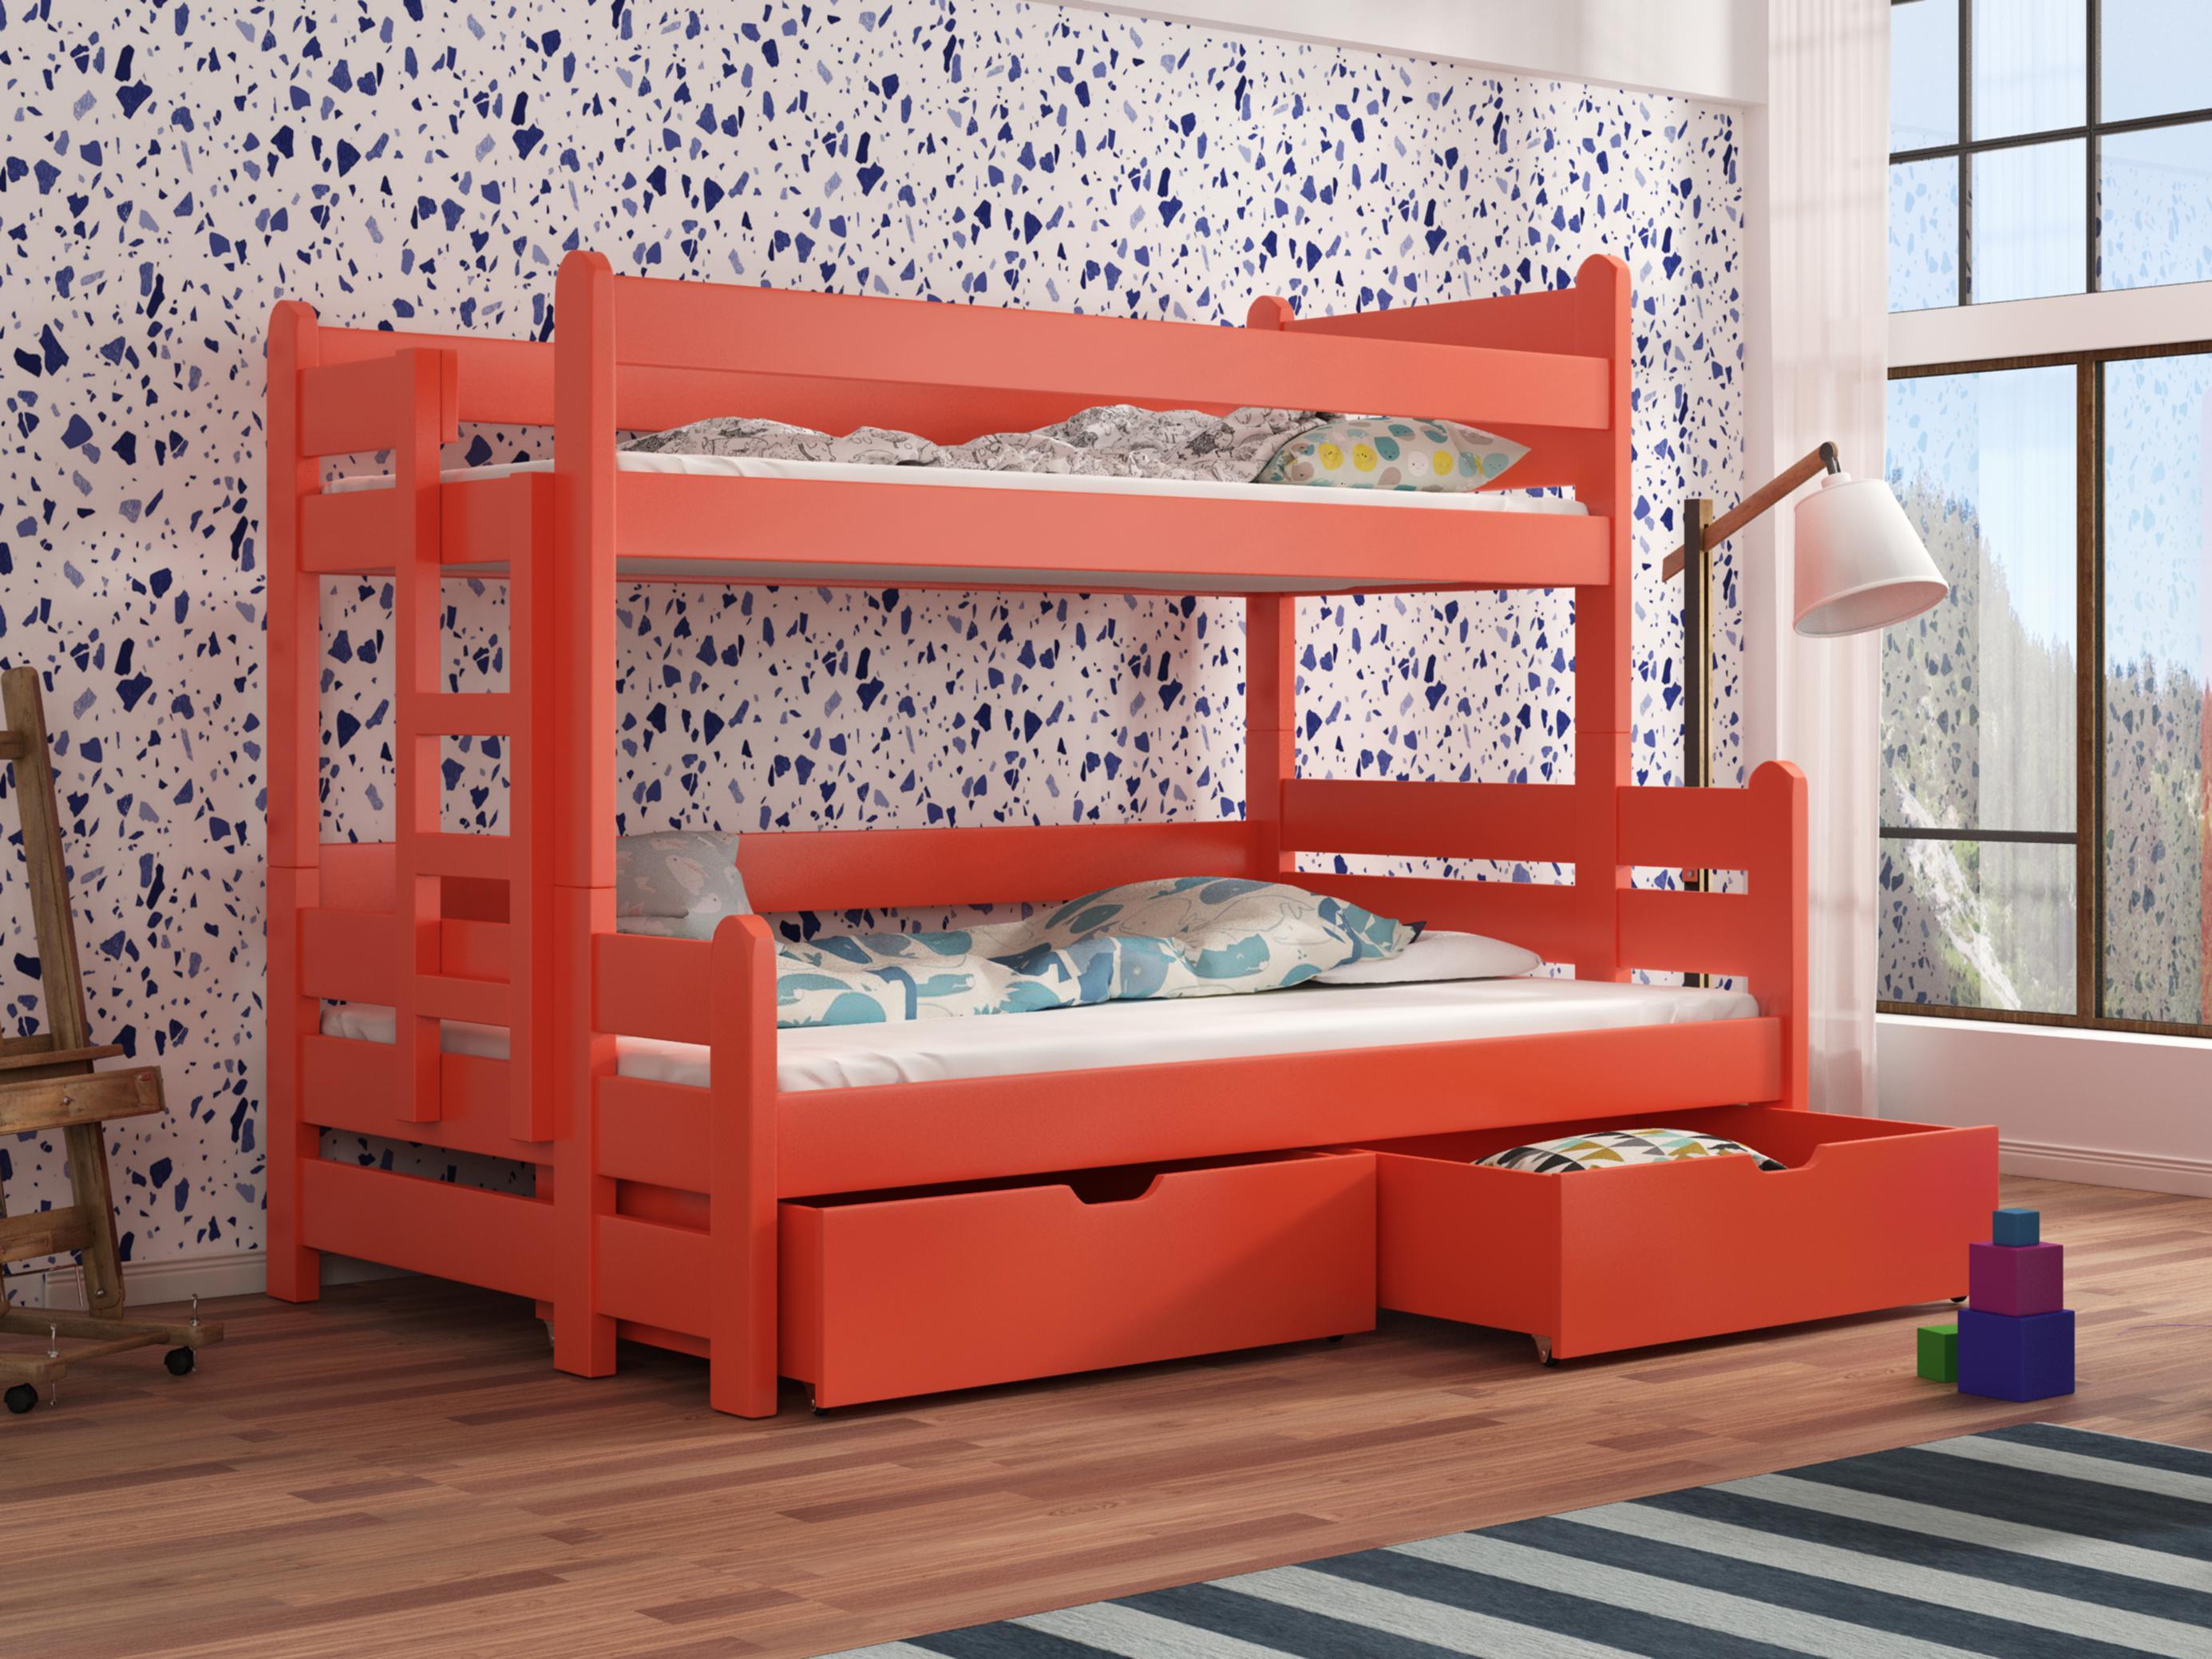 Dětská patrová postel 90 cm - Bivi (pomeranč)